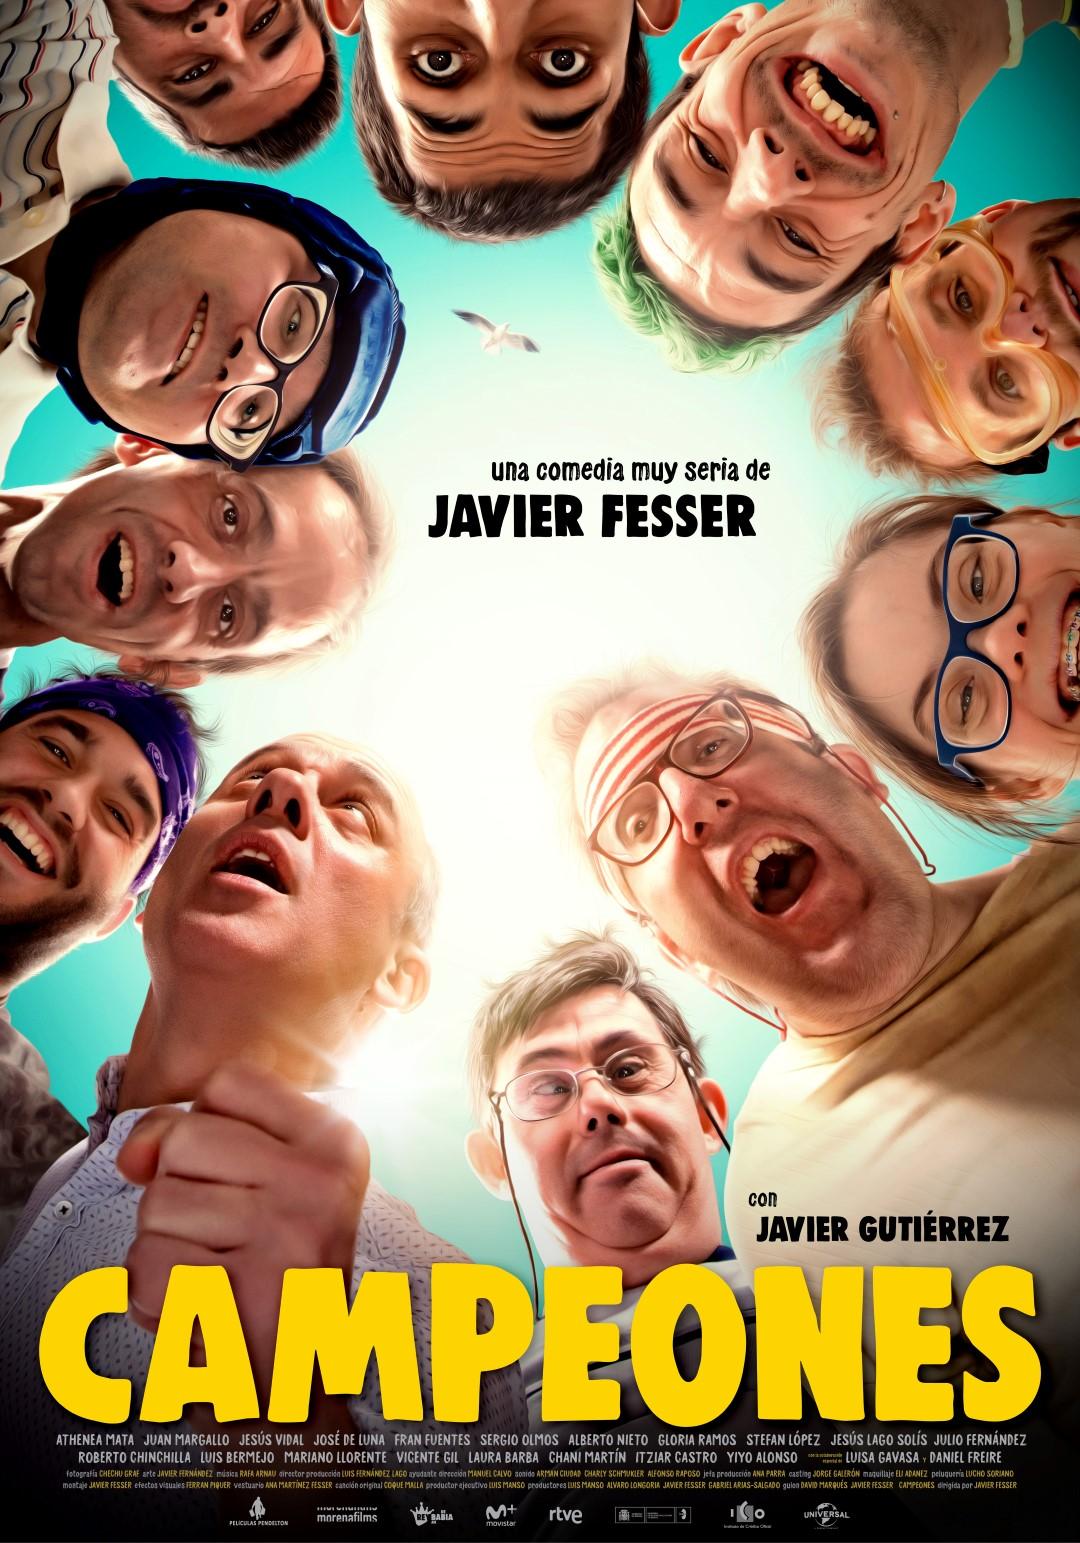 'Campeones': Póster de la película de Javier Fesser